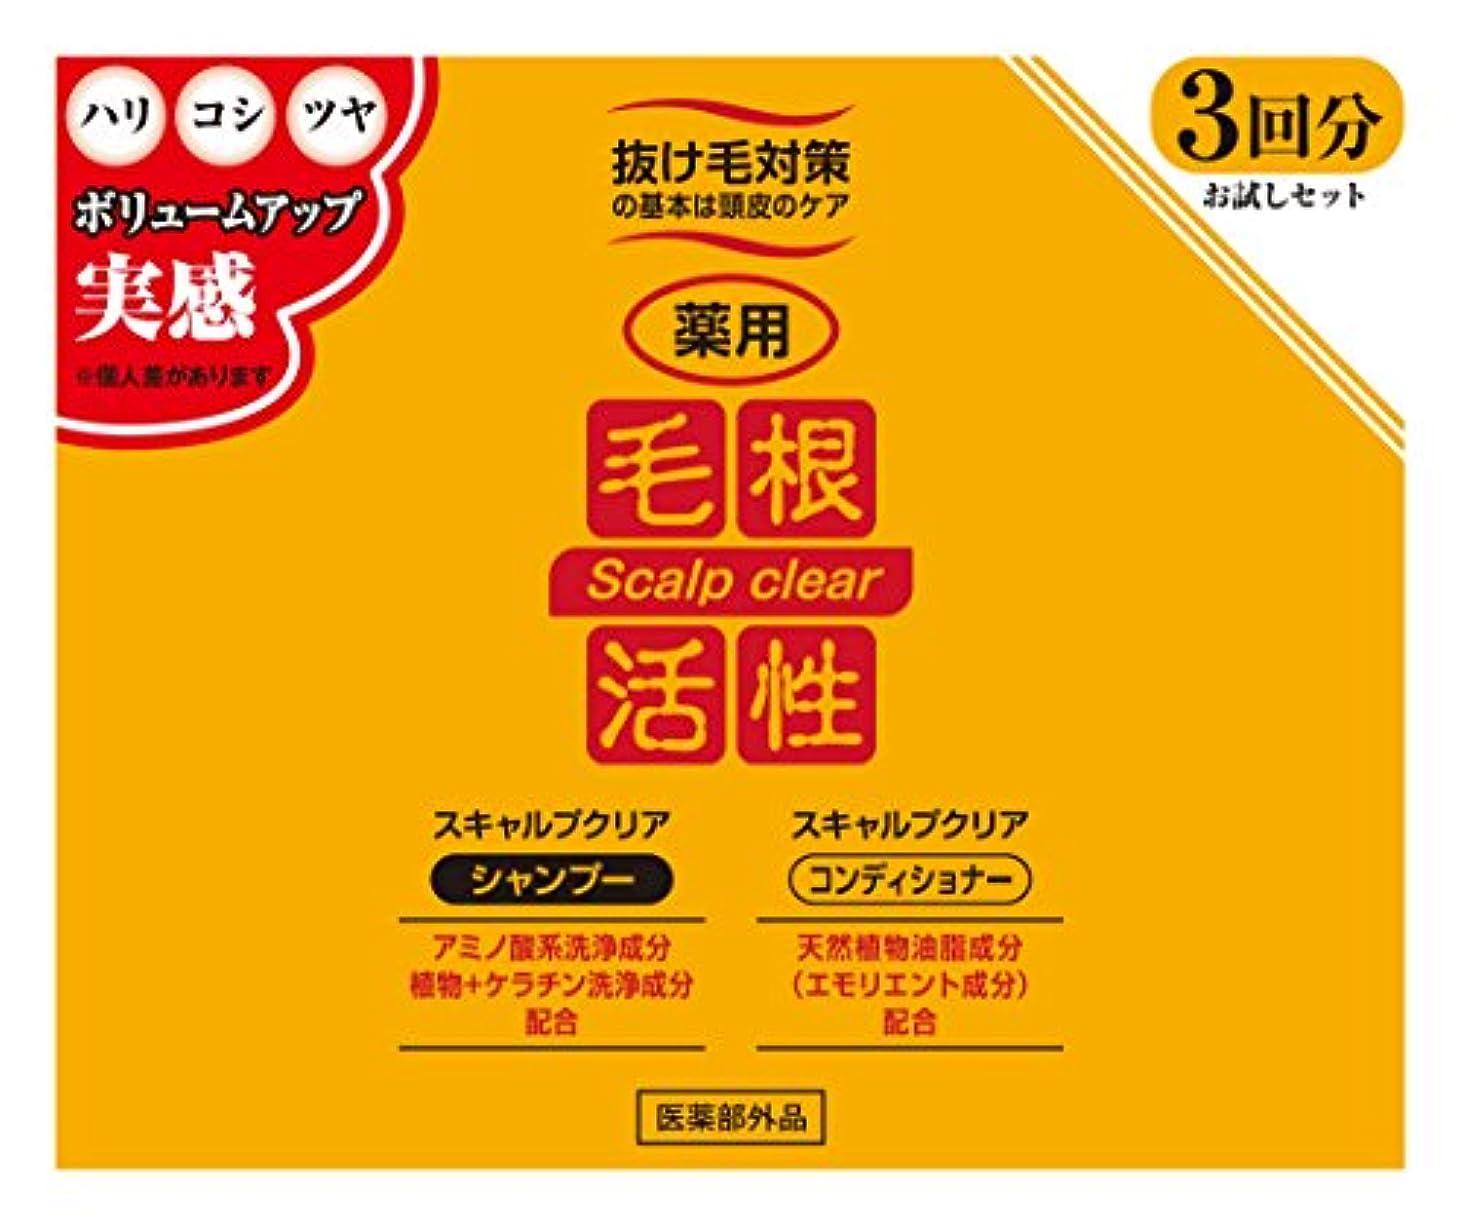 幹娯楽意味する薬用 毛根活性 シャンプー&コンディショナー 3日間お試しセット (シャンプー10ml×3個 + コンディショナー10ml×3個)